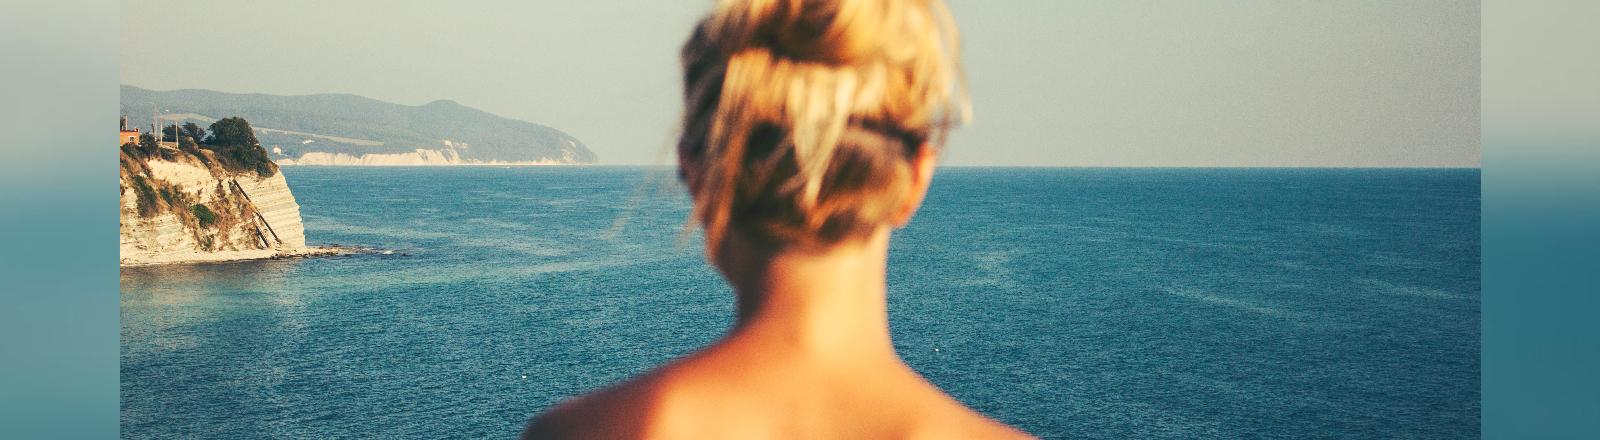 Eine Frau schaut auf das Meer.